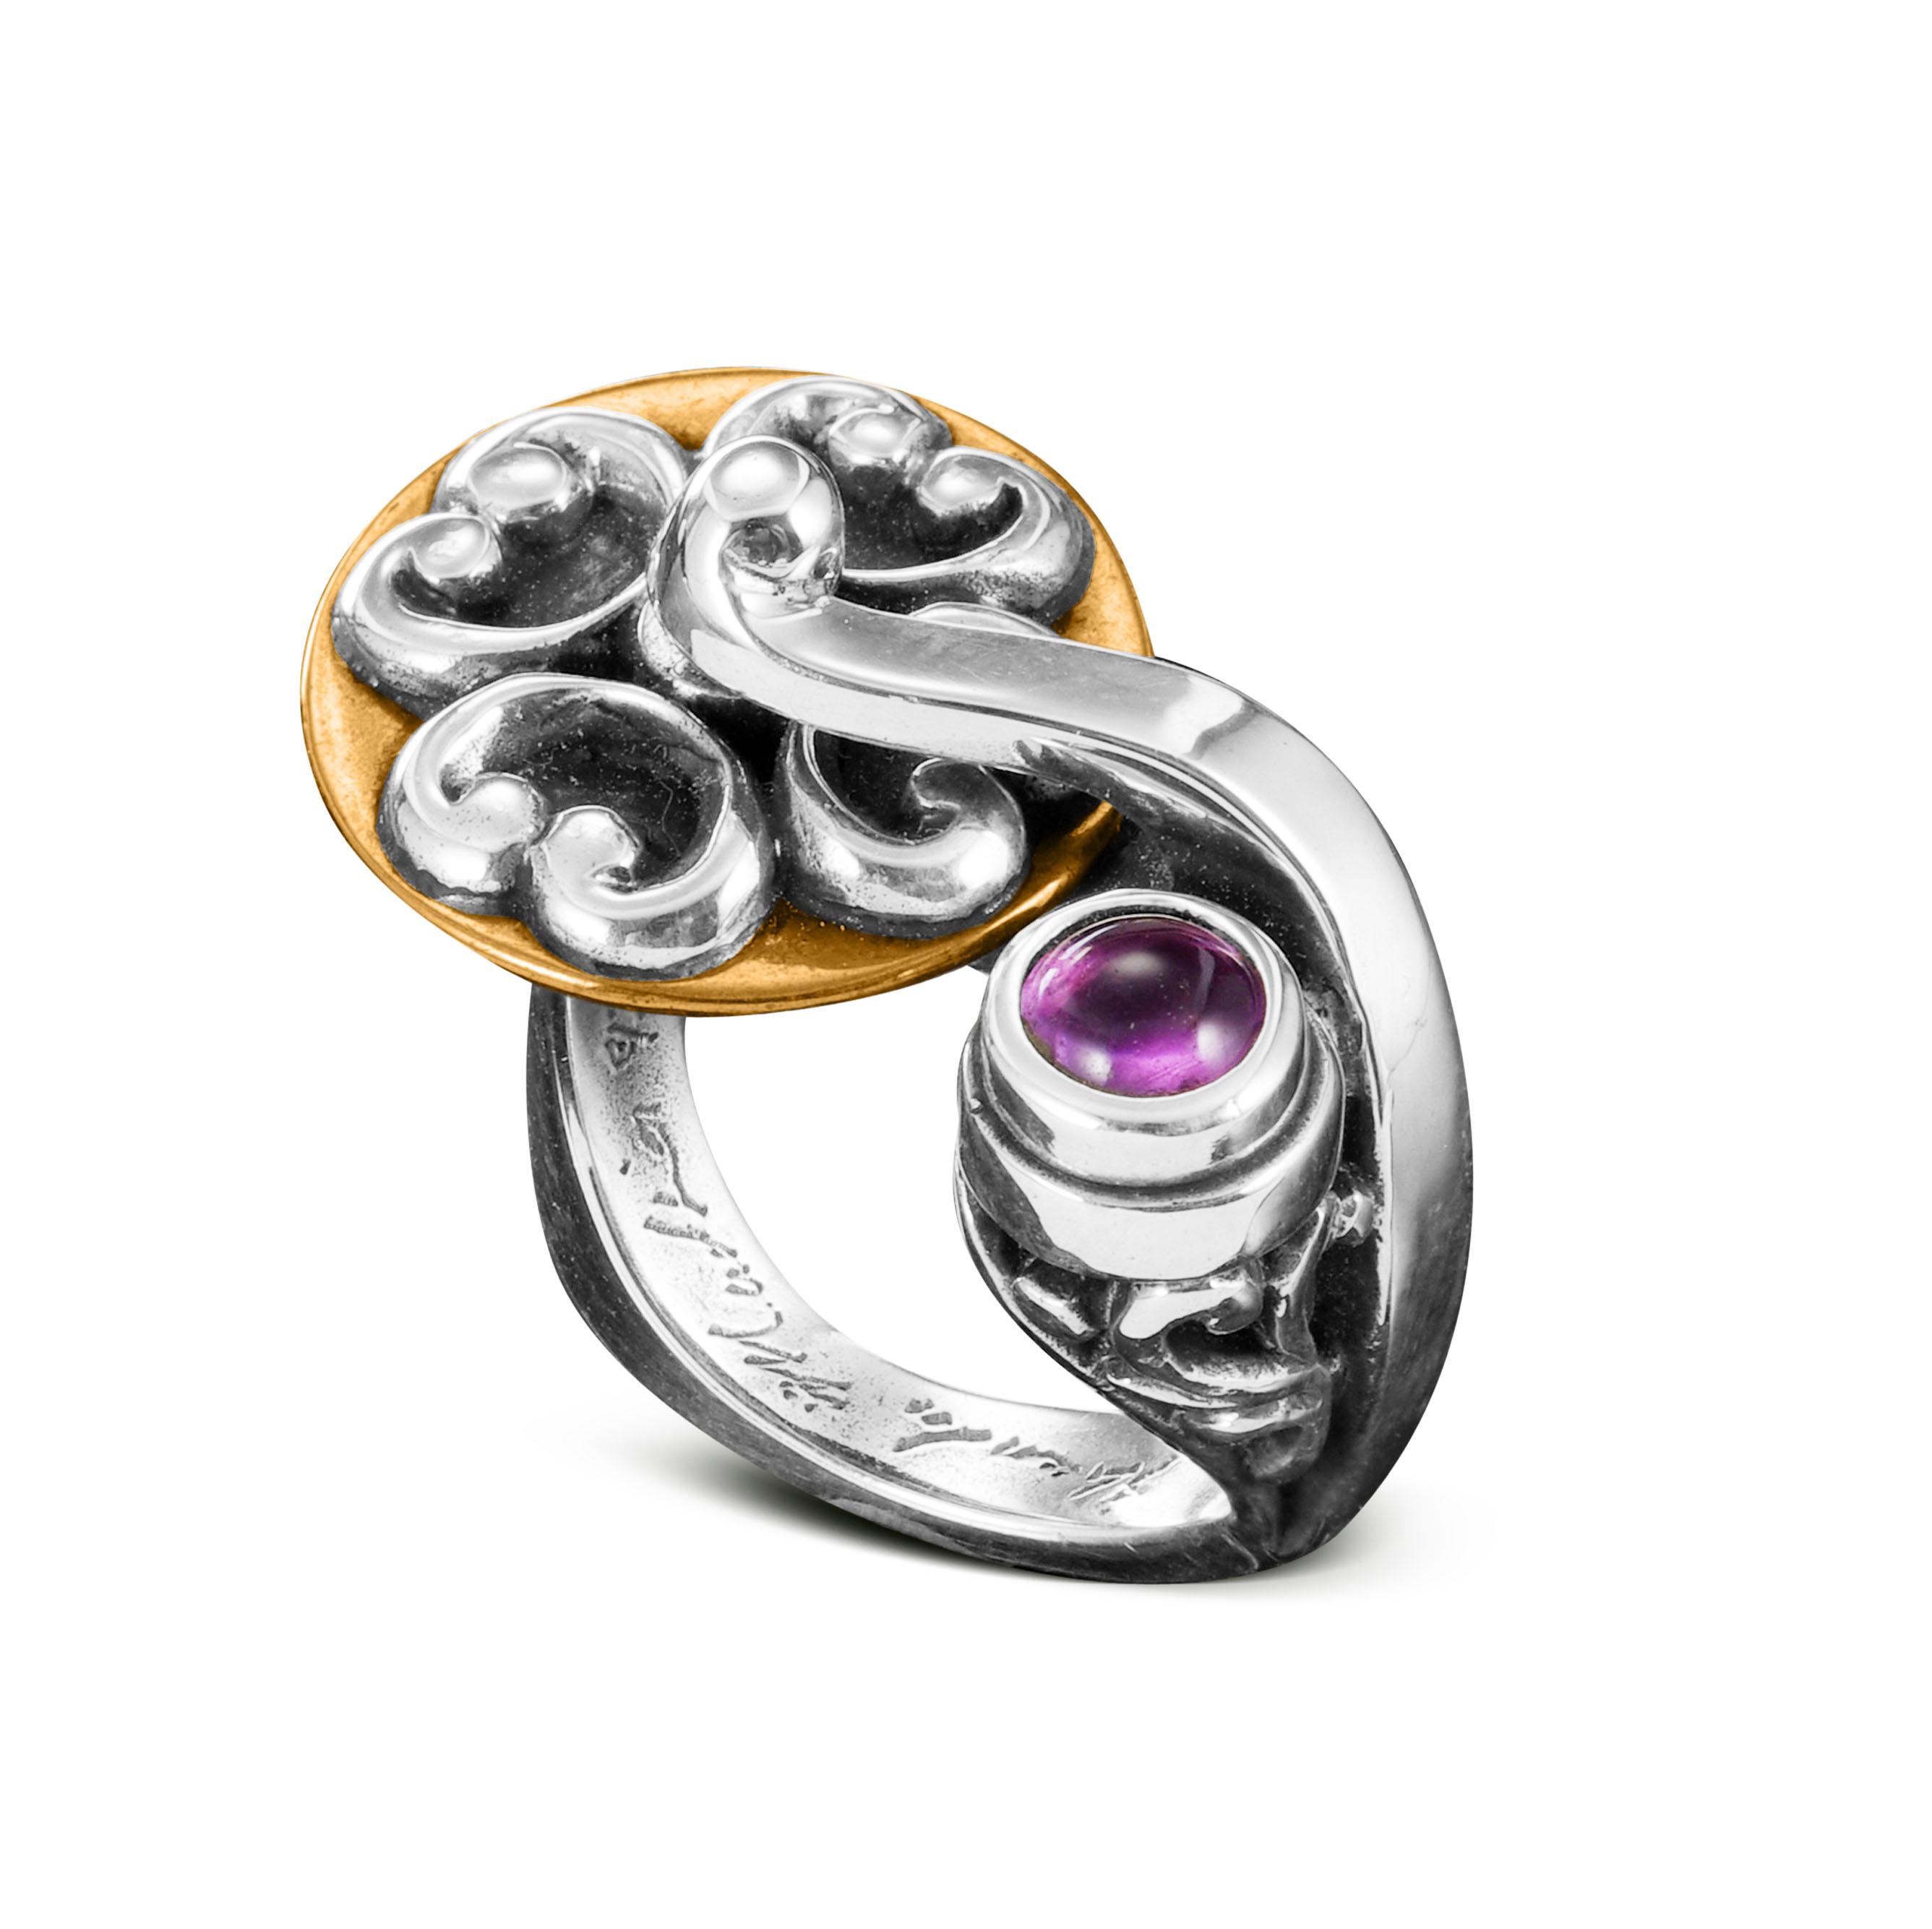 KS136-silver-ring